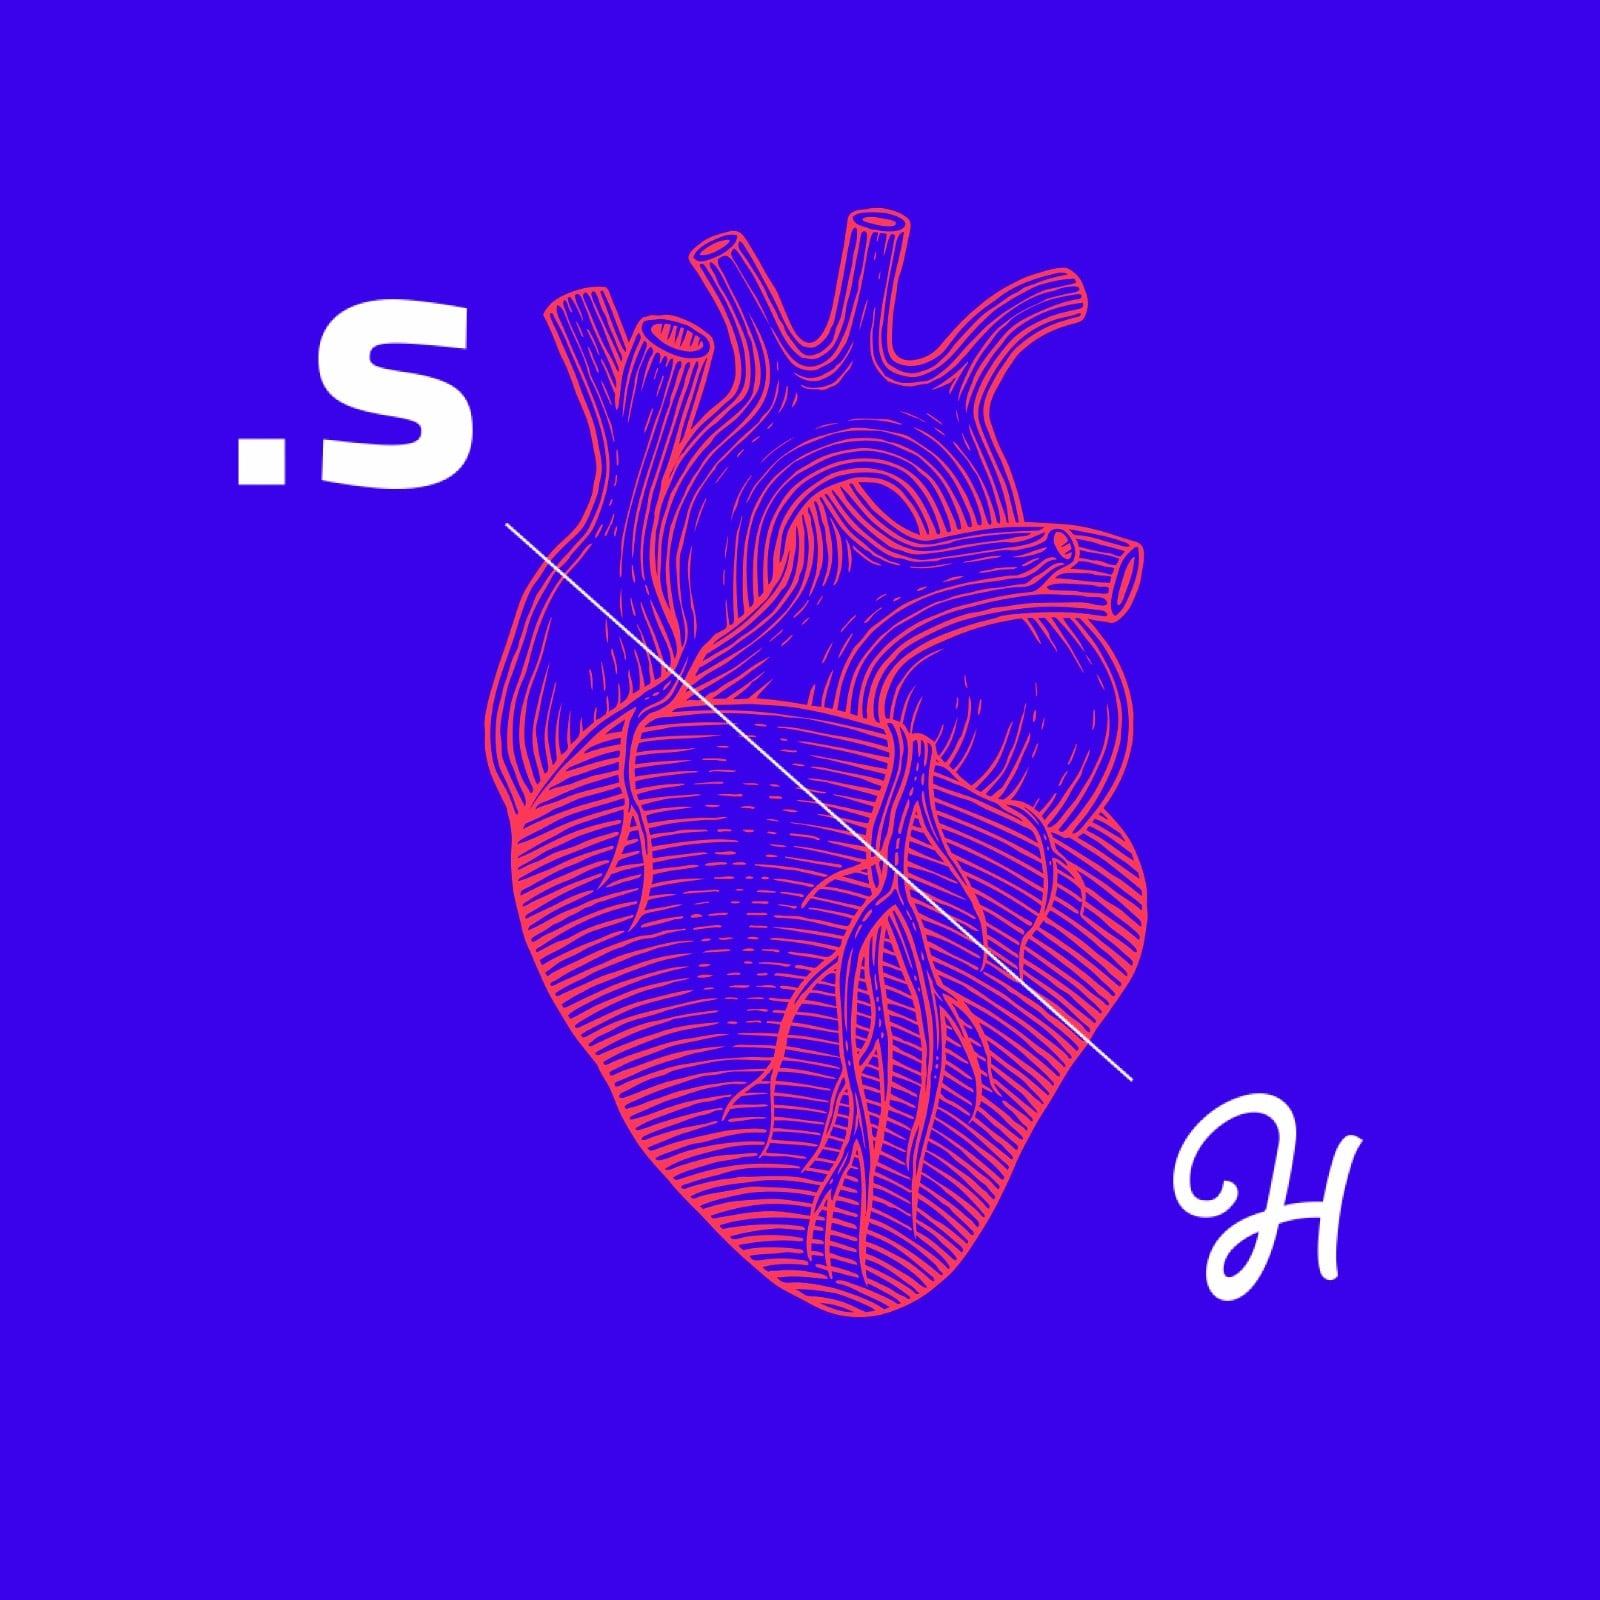 Tekening van het logo van Synetic en het logo van Henry Handsome, verbonden door een lijn met daarachter een getekend anatomisch hart